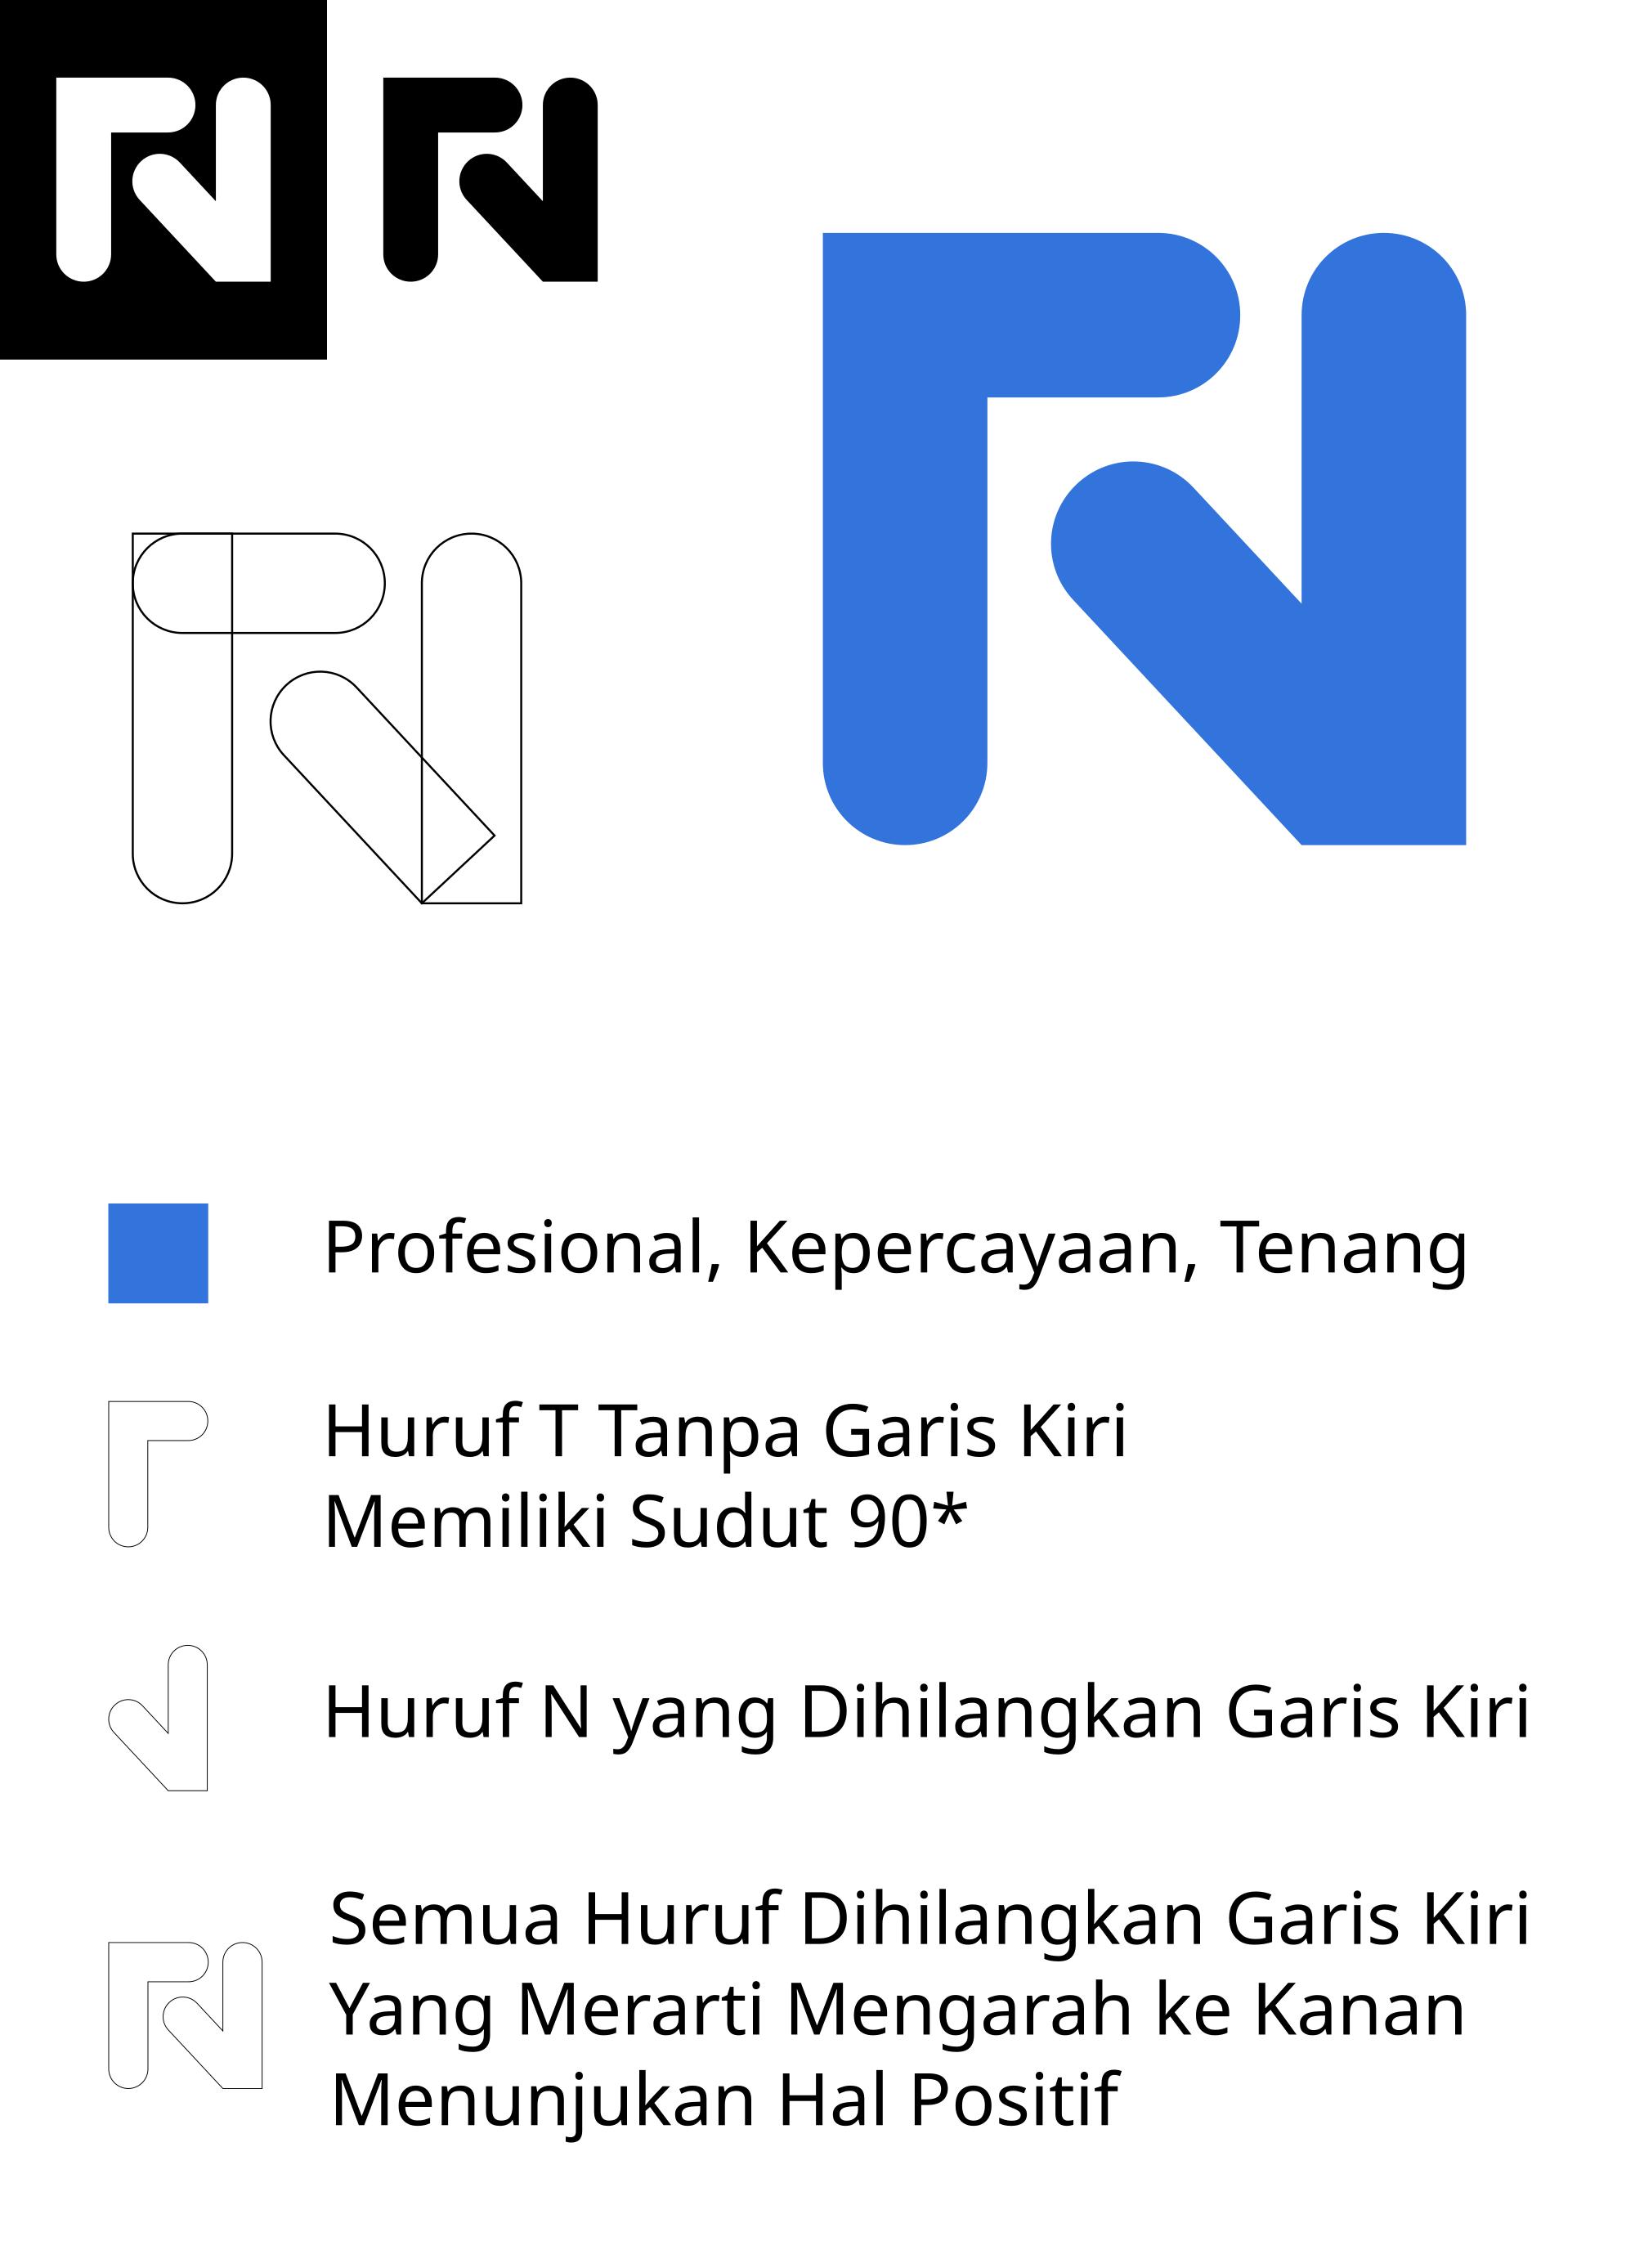 filosofi logo taufik nurhidayat